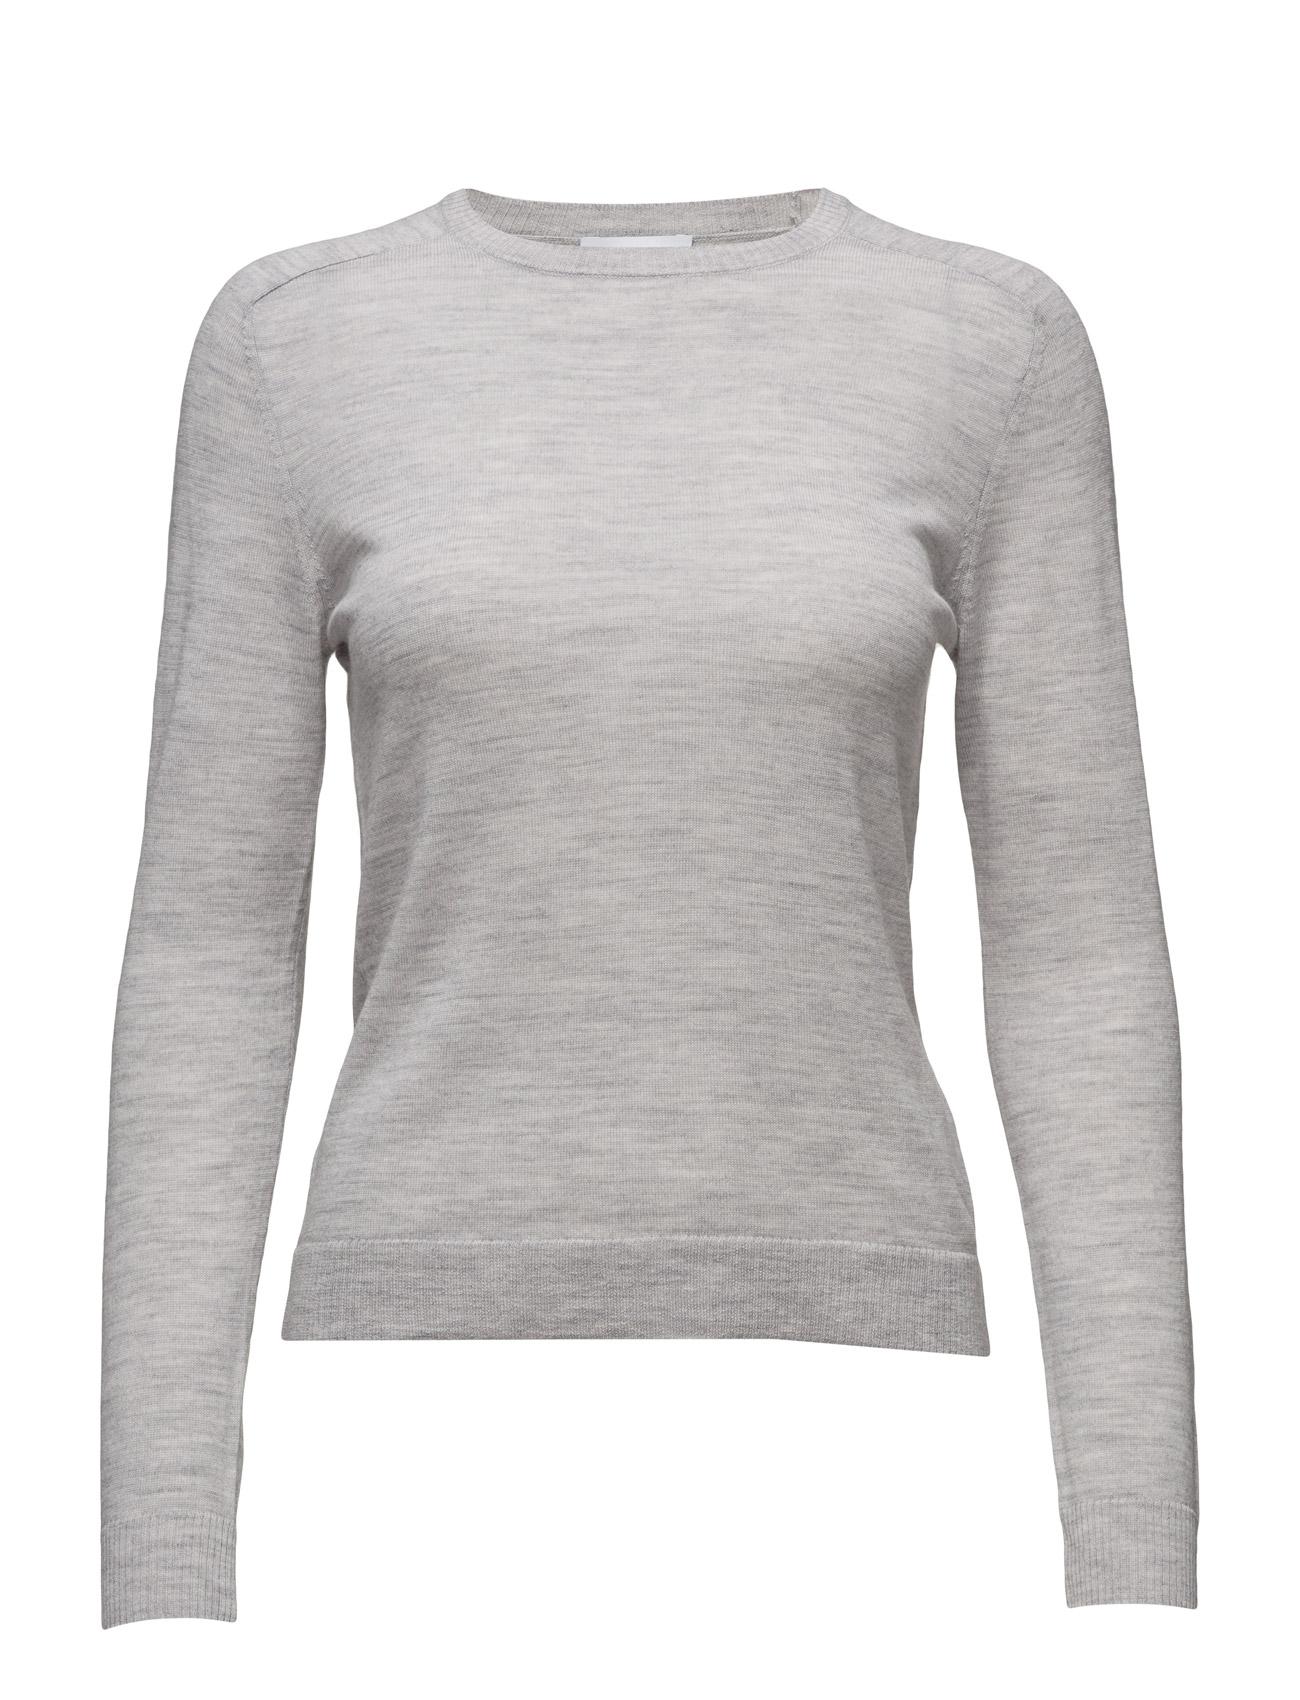 2nd Jessie 2NDDAY Sweatshirts til Damer i Light Grey Mel.